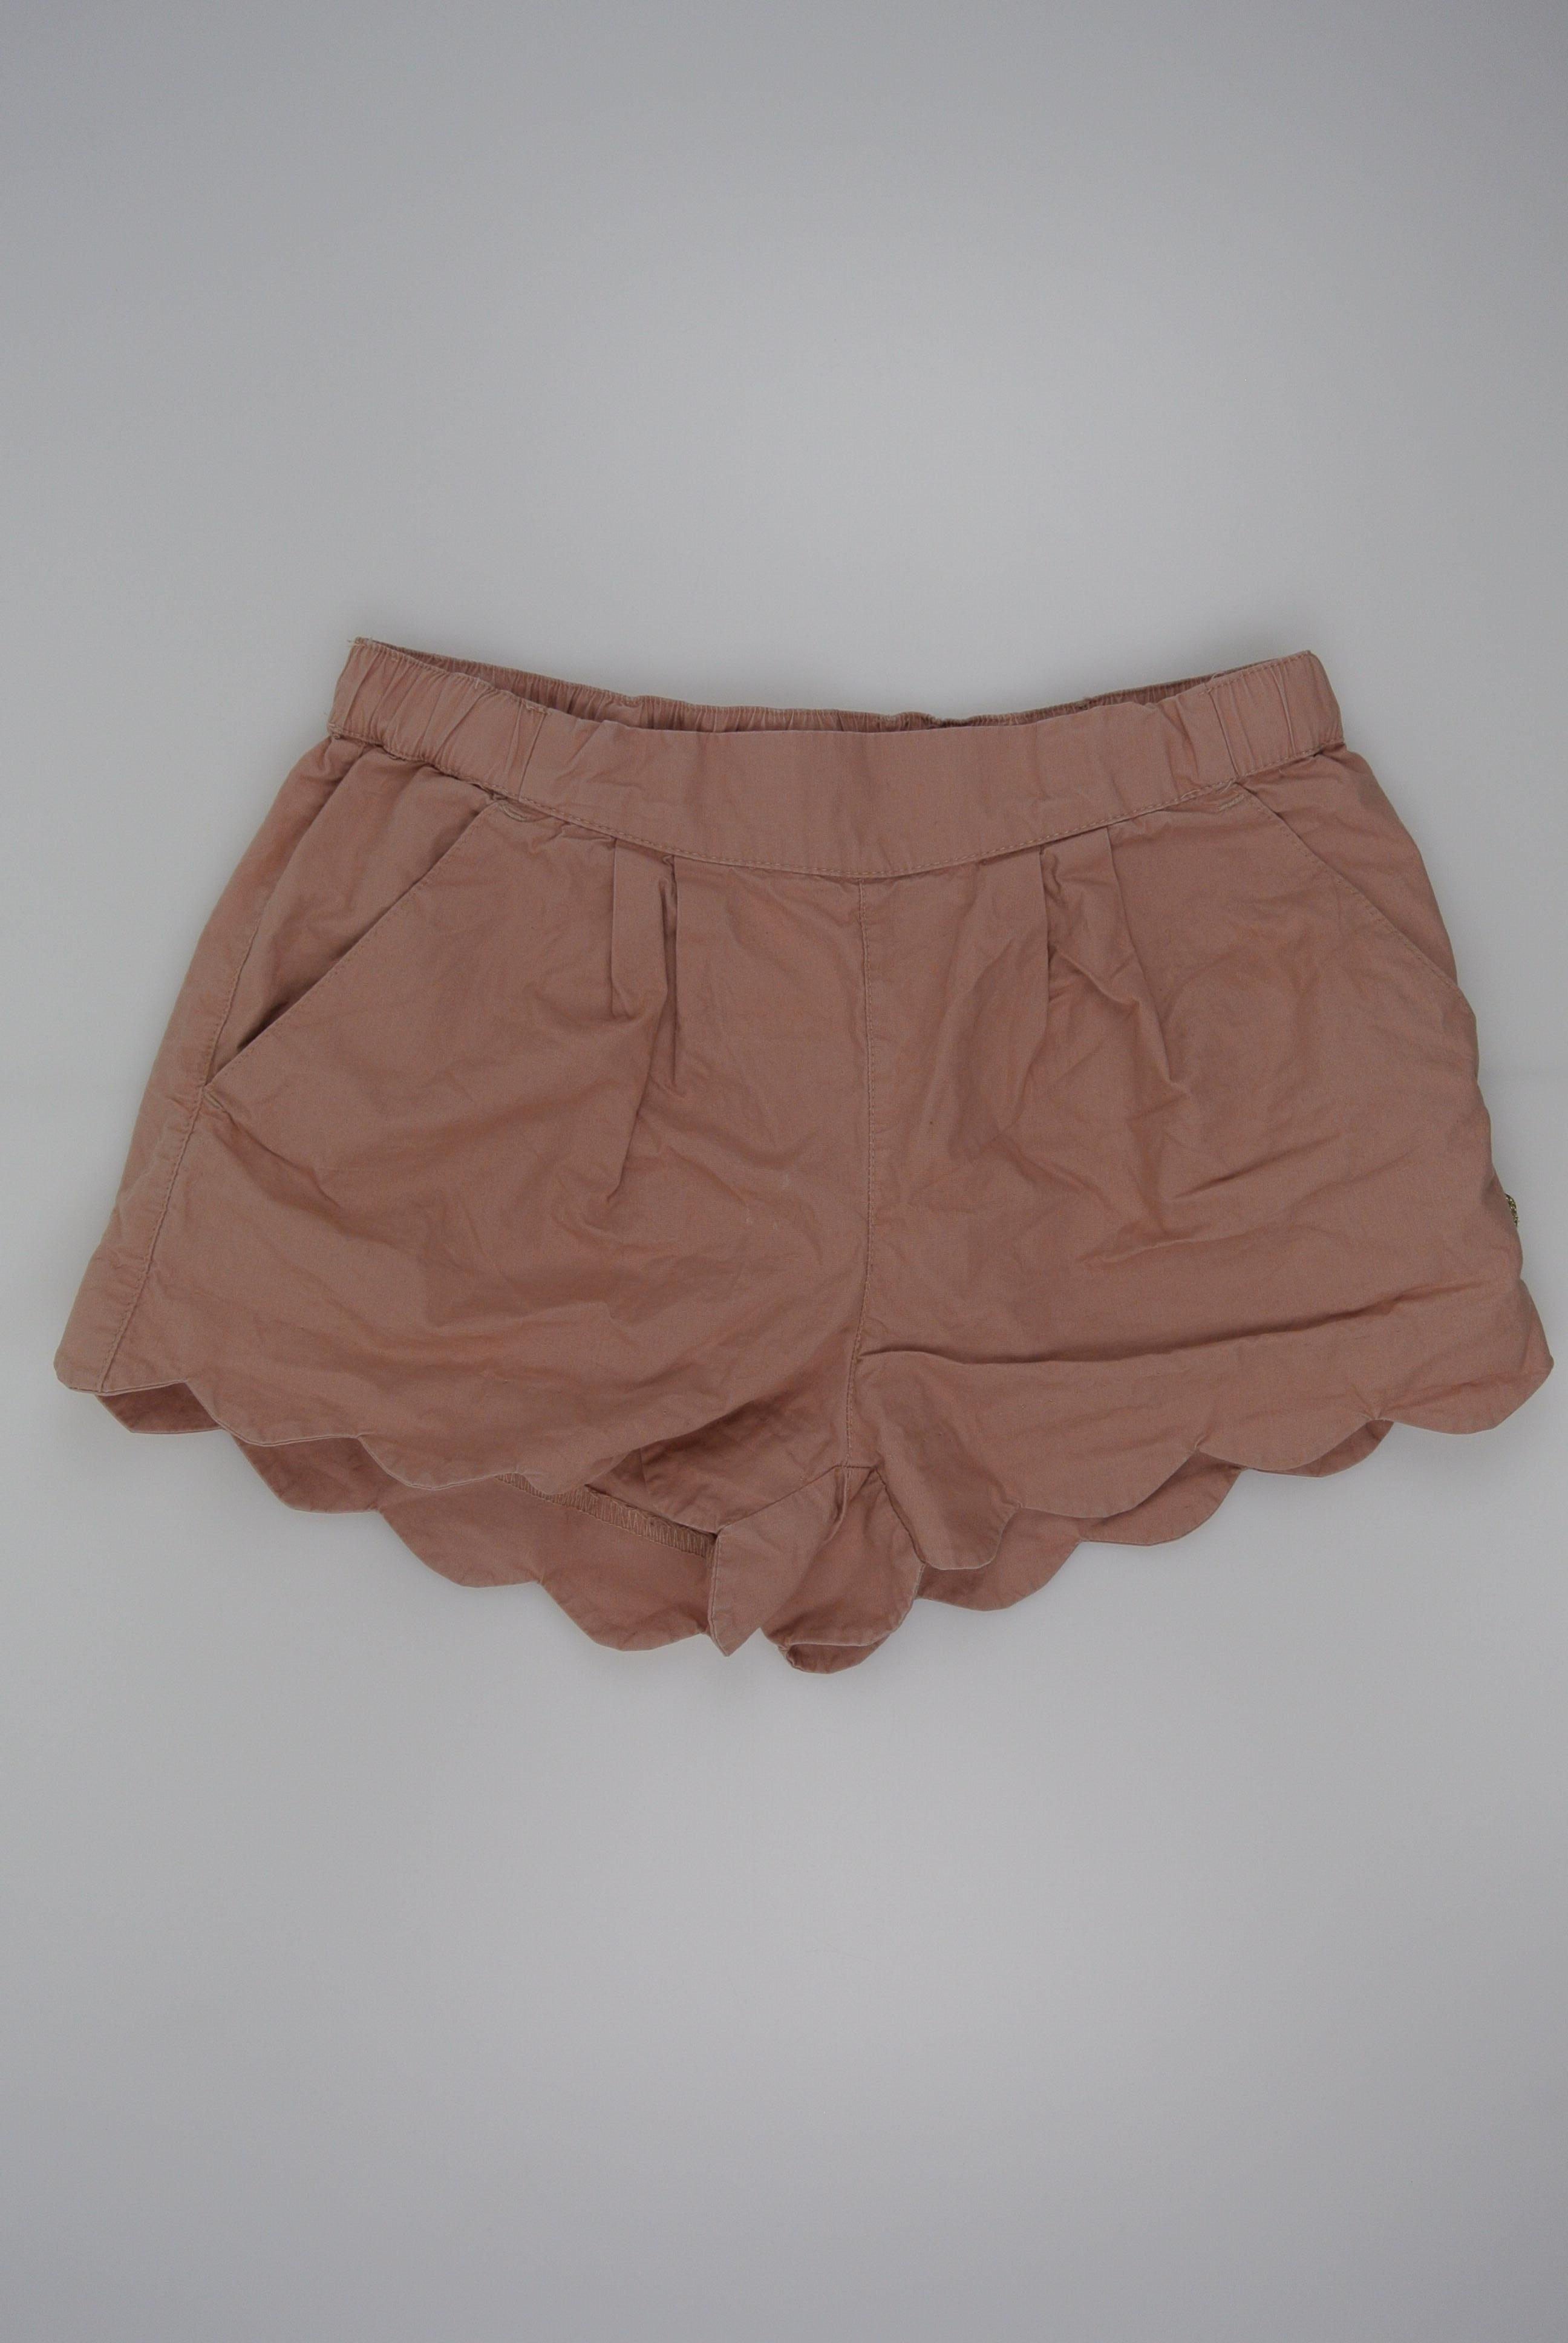 Pompdelux shorts str 122/128 pige